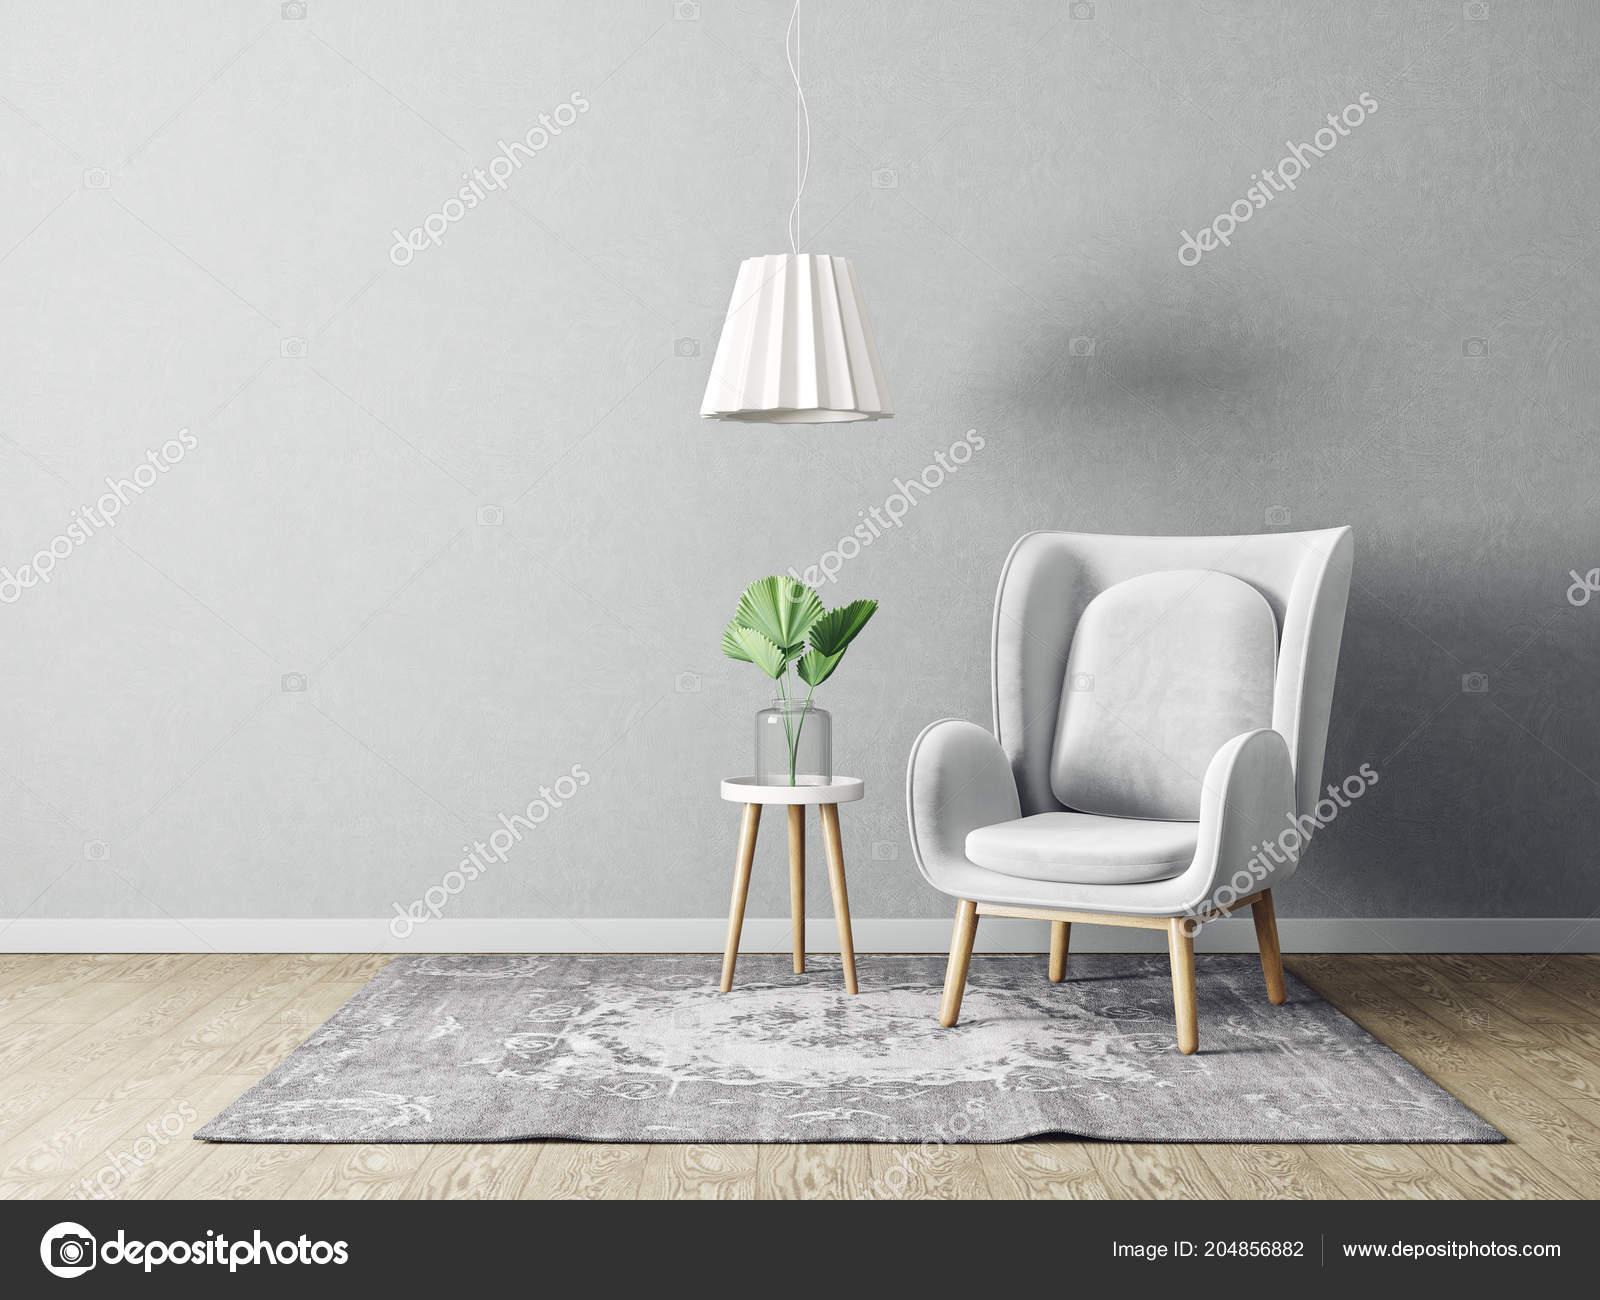 Lampen Scandinavisch Interieur : Moderne woonkamer met grijze leunstoel lamp scandinavische